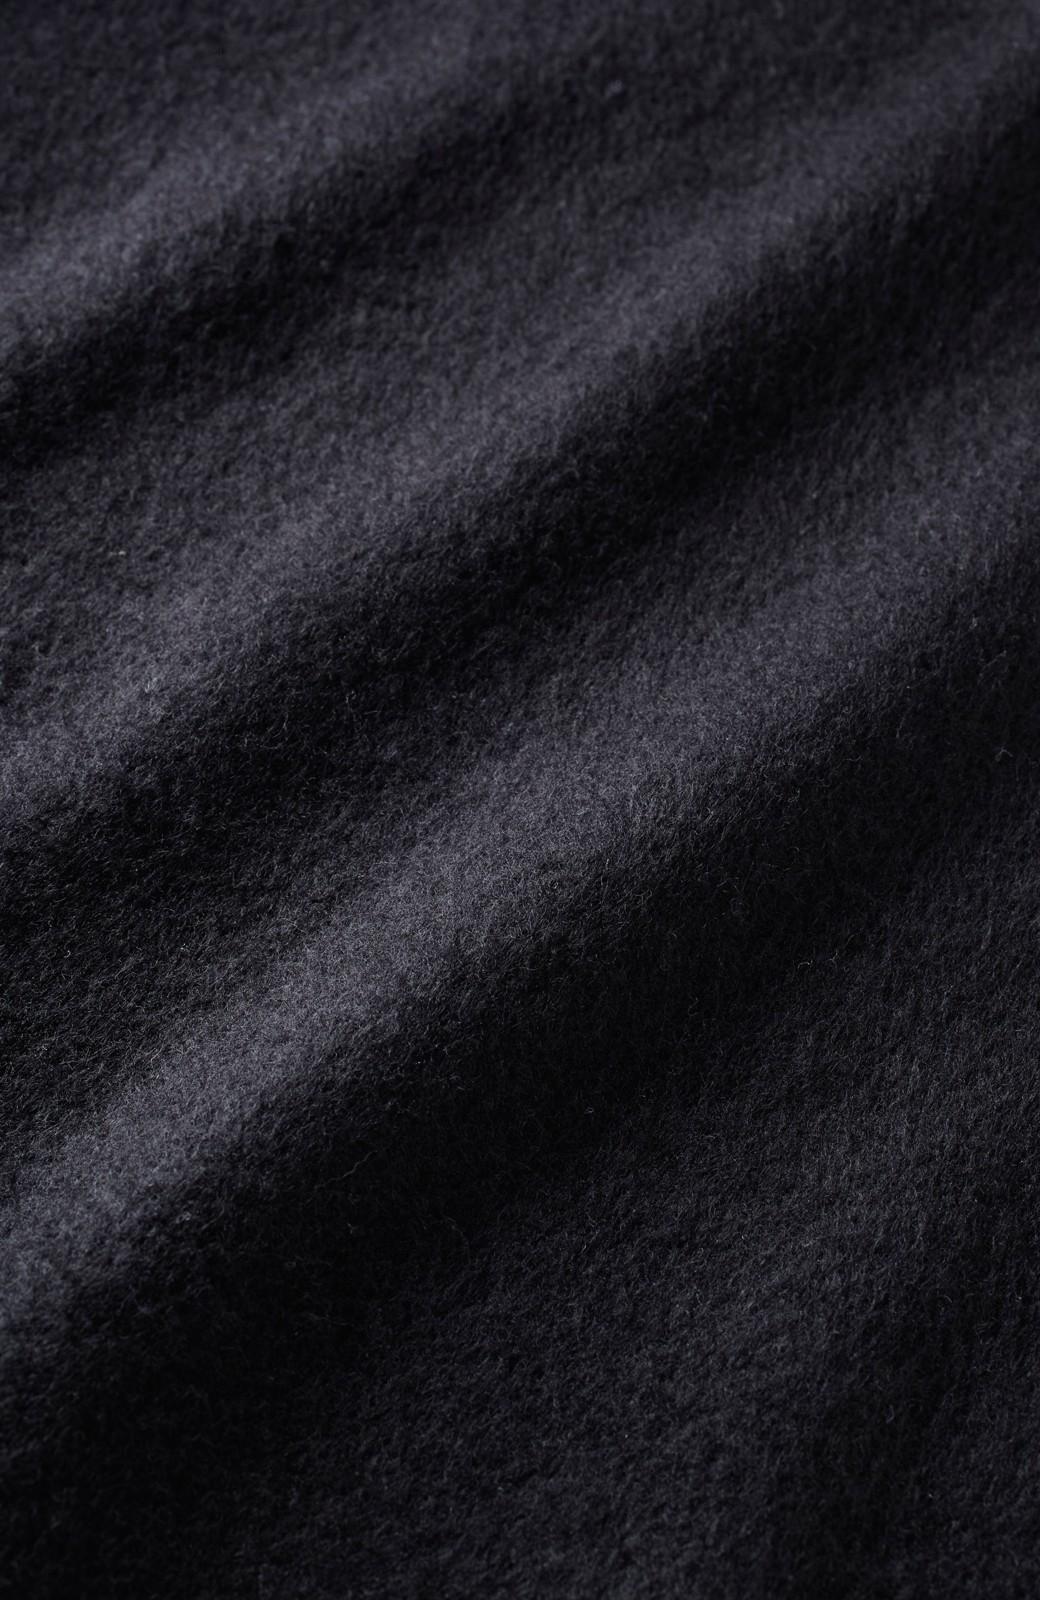 エムトロワ フェルトライク起毛カットソートップス <ブラック>の商品写真2